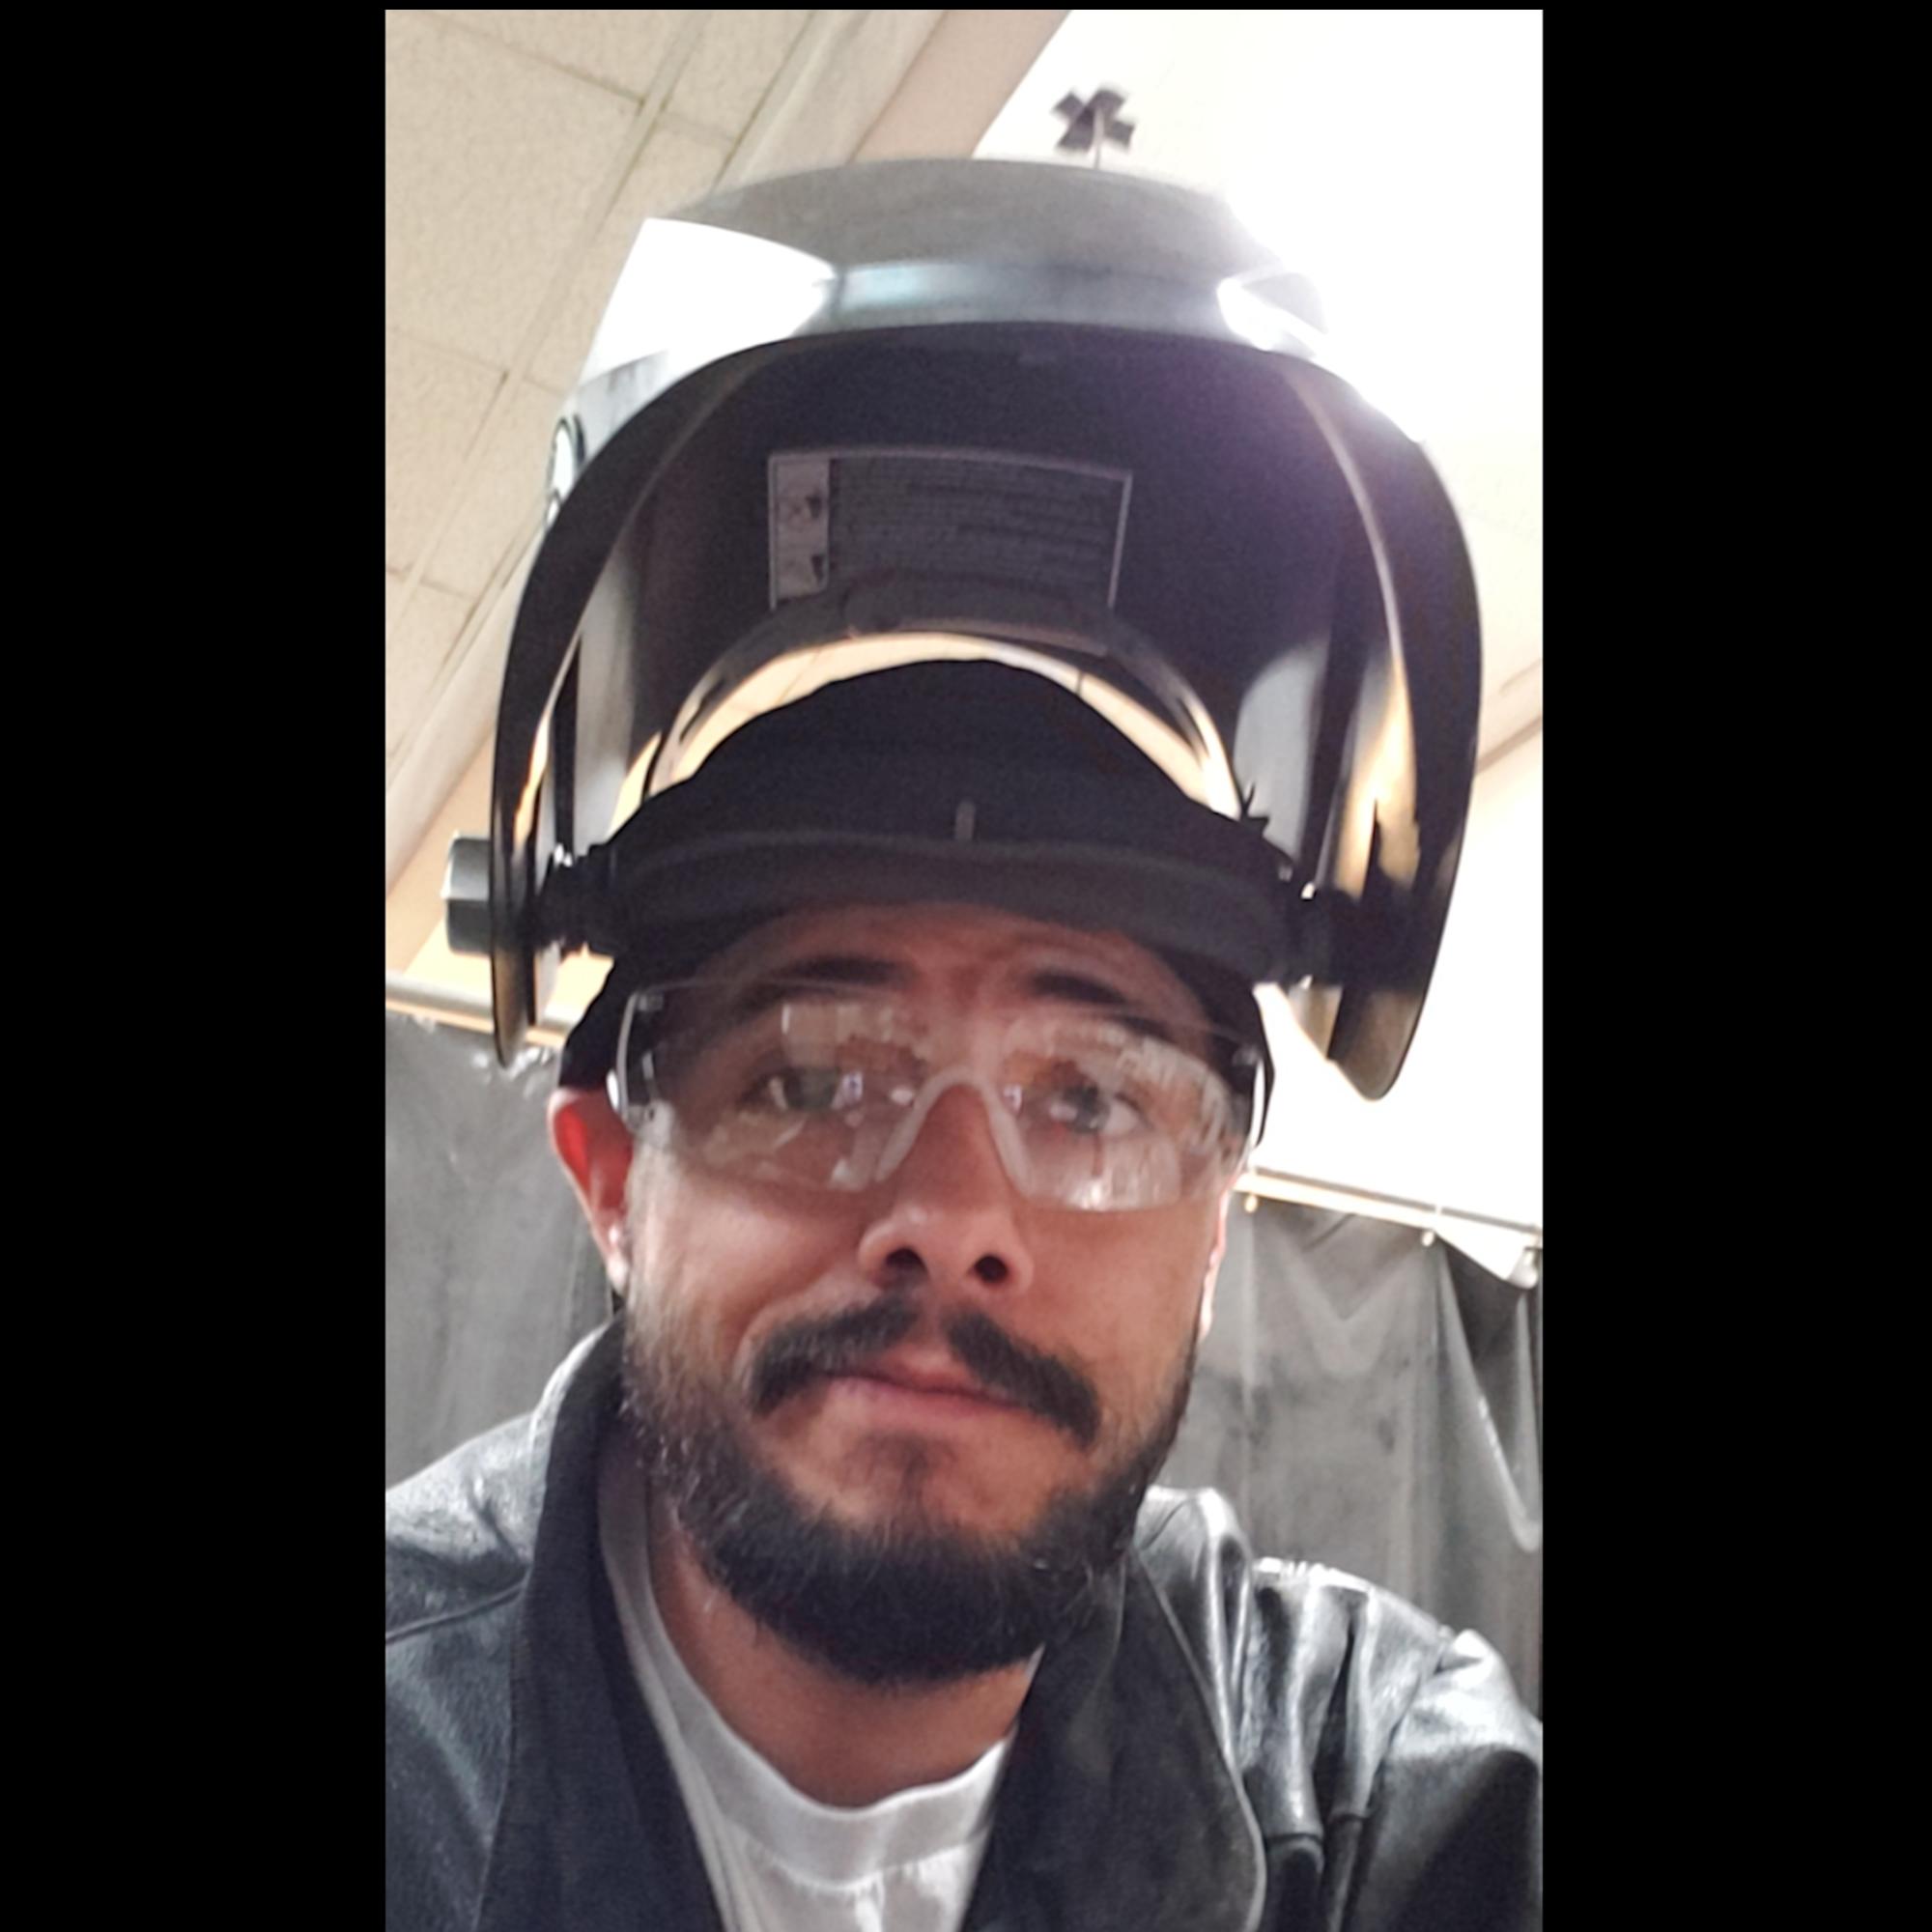 Jonathan (Jonny) Gonzales with Welding Helmet